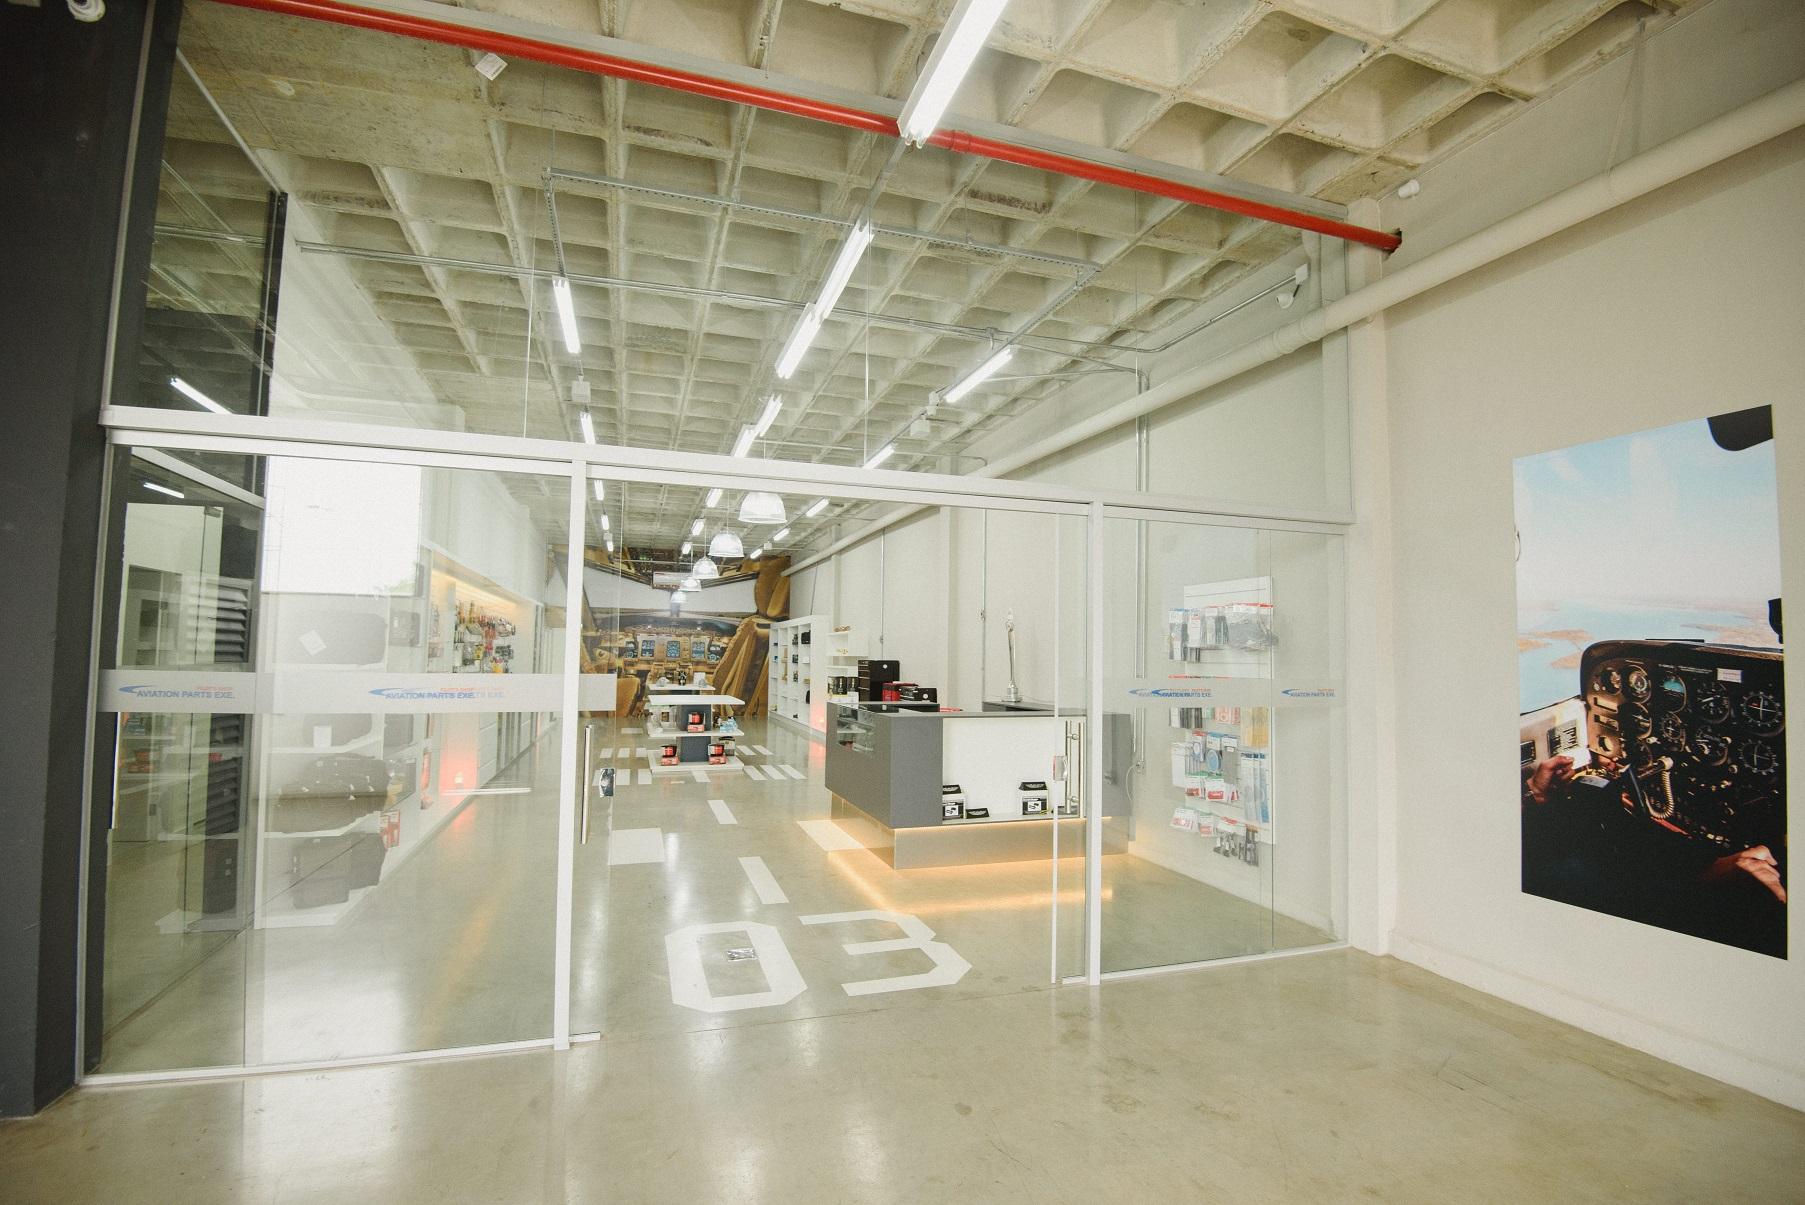 Loja de produtos aeronáuticos oferece peças para aeronaves, livros e equipamentos de estudo para pilotos, e abriu as portas em Belo Horizonte.